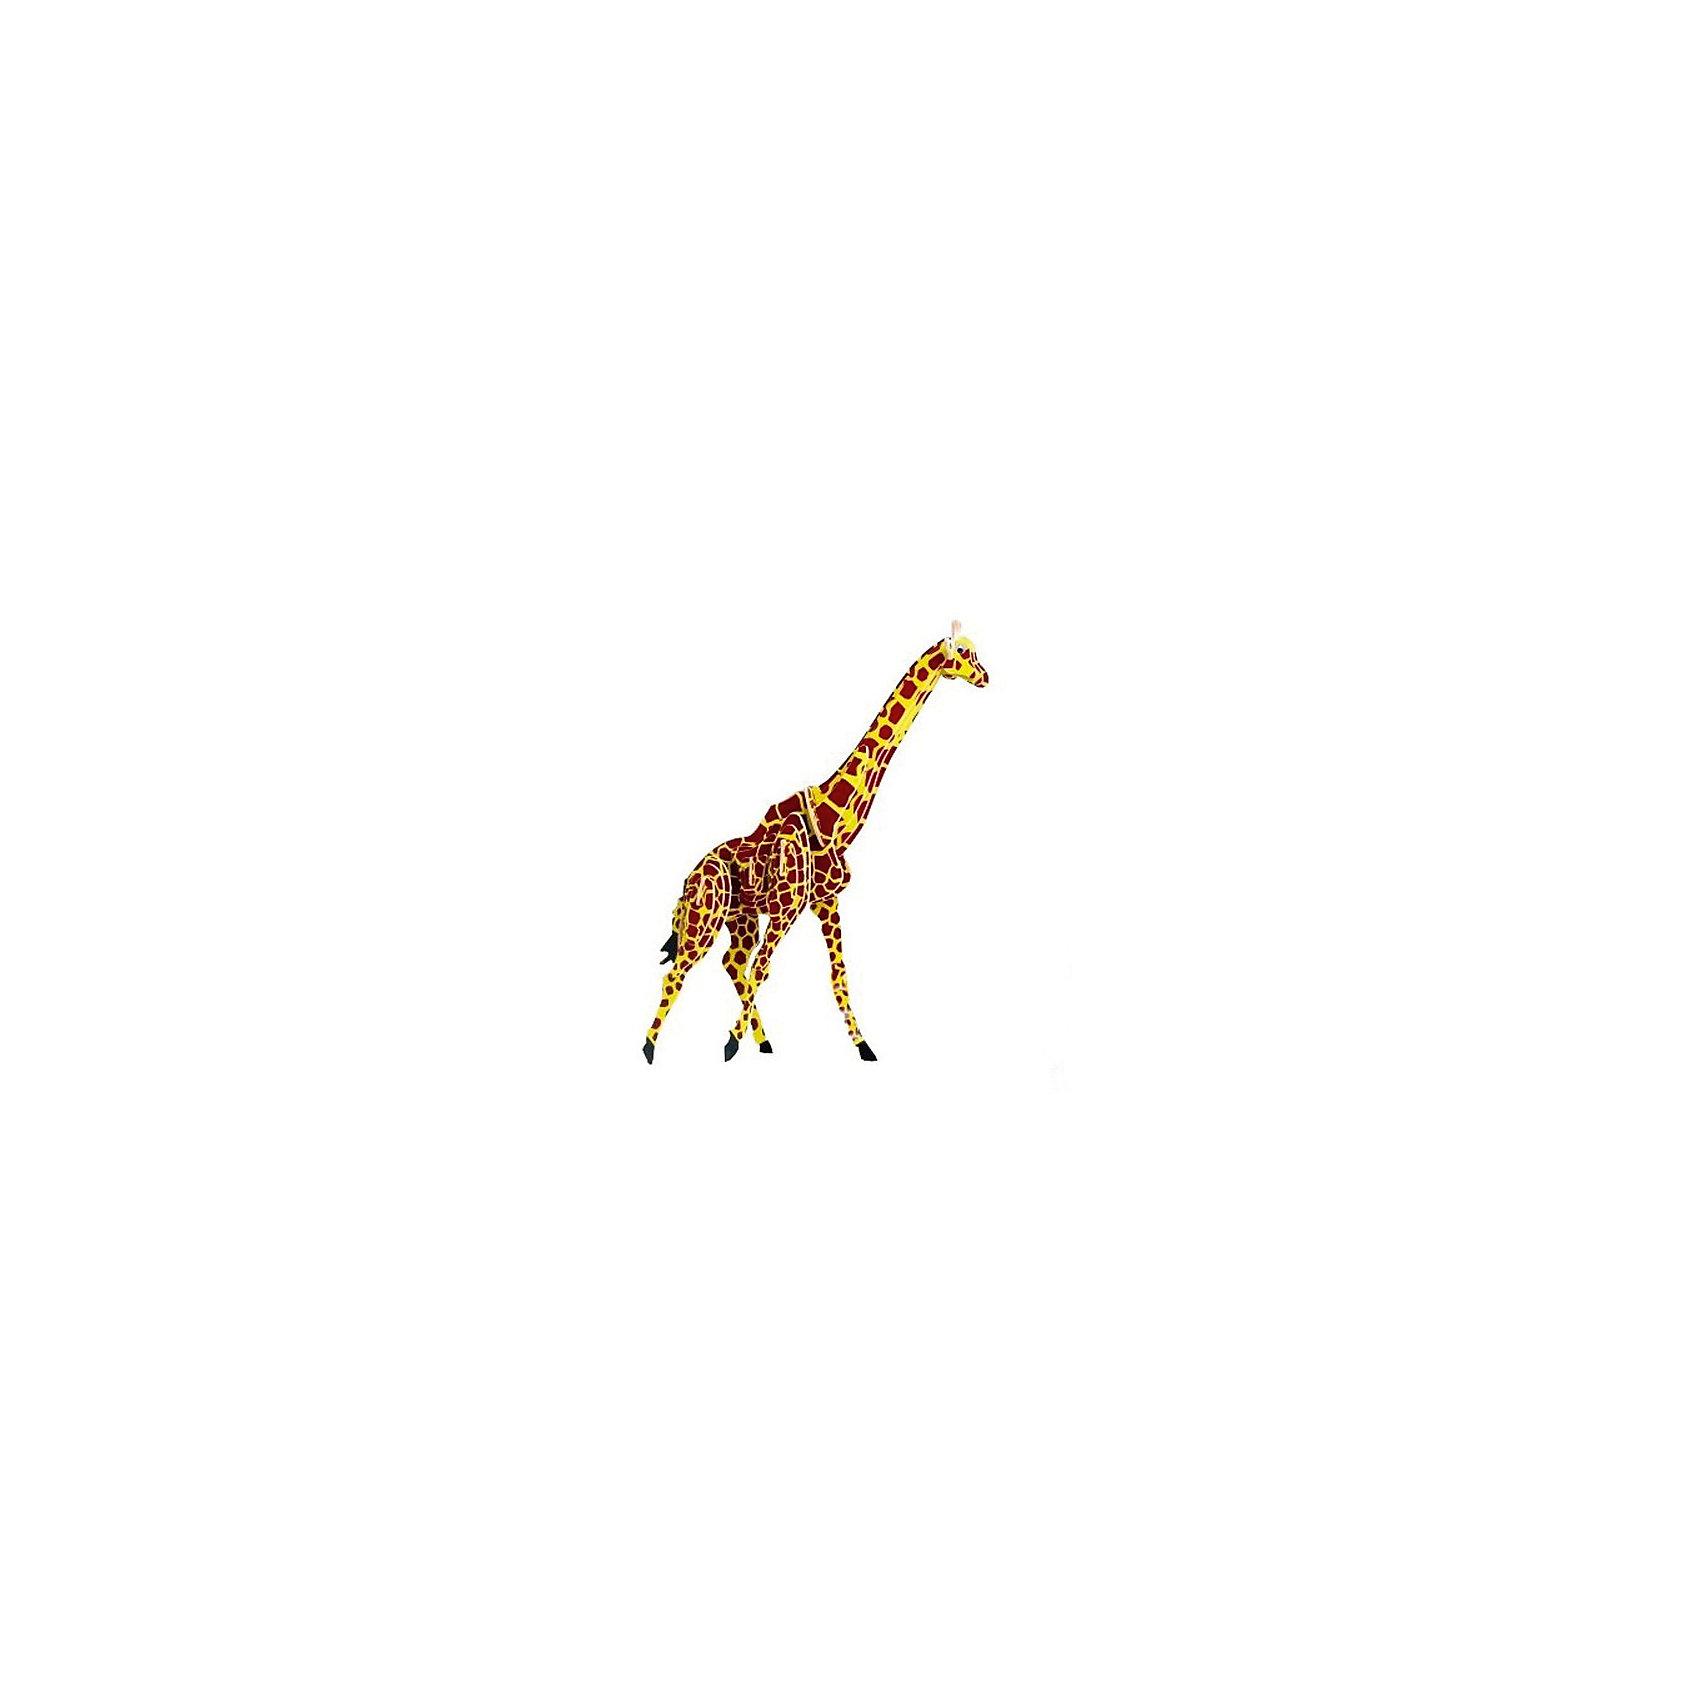 Жираф (серия М), Мир деревянных игрушекДеревянные конструкторы<br>Развивать свои способности ребенок может, сам собирая деревянные фигуры! Специально для любящих творчество и интересующихся животным миром были разработаны эти 3D-пазлы. Из них получаются красивые очень реалистичные фигуры, которые могут стать украшением комнаты. Для этого нужно выдавить из пластины с деталями элементы для сборки и соединить их. <br>Собирая их, ребенок будет учиться соотносить фигуры, развивать пространственное мышление, память и мелкую моторику. А раскрашивая готовое произведение, дети научатся подбирать цвета и будут развивать художественные навыки. Этот набор произведен из качественных и безопасных для детей материалов - дерево тщательно обработано.<br><br>Дополнительная информация:<br><br>материал: дерево;<br>цвет: бежевый;<br>элементы: пластины с деталями для сборки;<br>размер упаковки: 23 х 18 см.<br><br>3D-пазл Жираф (серия М) от бренда Мир деревянных игрушек можно купить в нашем магазине.<br><br>Ширина мм: 225<br>Глубина мм: 30<br>Высота мм: 180<br>Вес г: 450<br>Возраст от месяцев: 36<br>Возраст до месяцев: 144<br>Пол: Унисекс<br>Возраст: Детский<br>SKU: 4969073